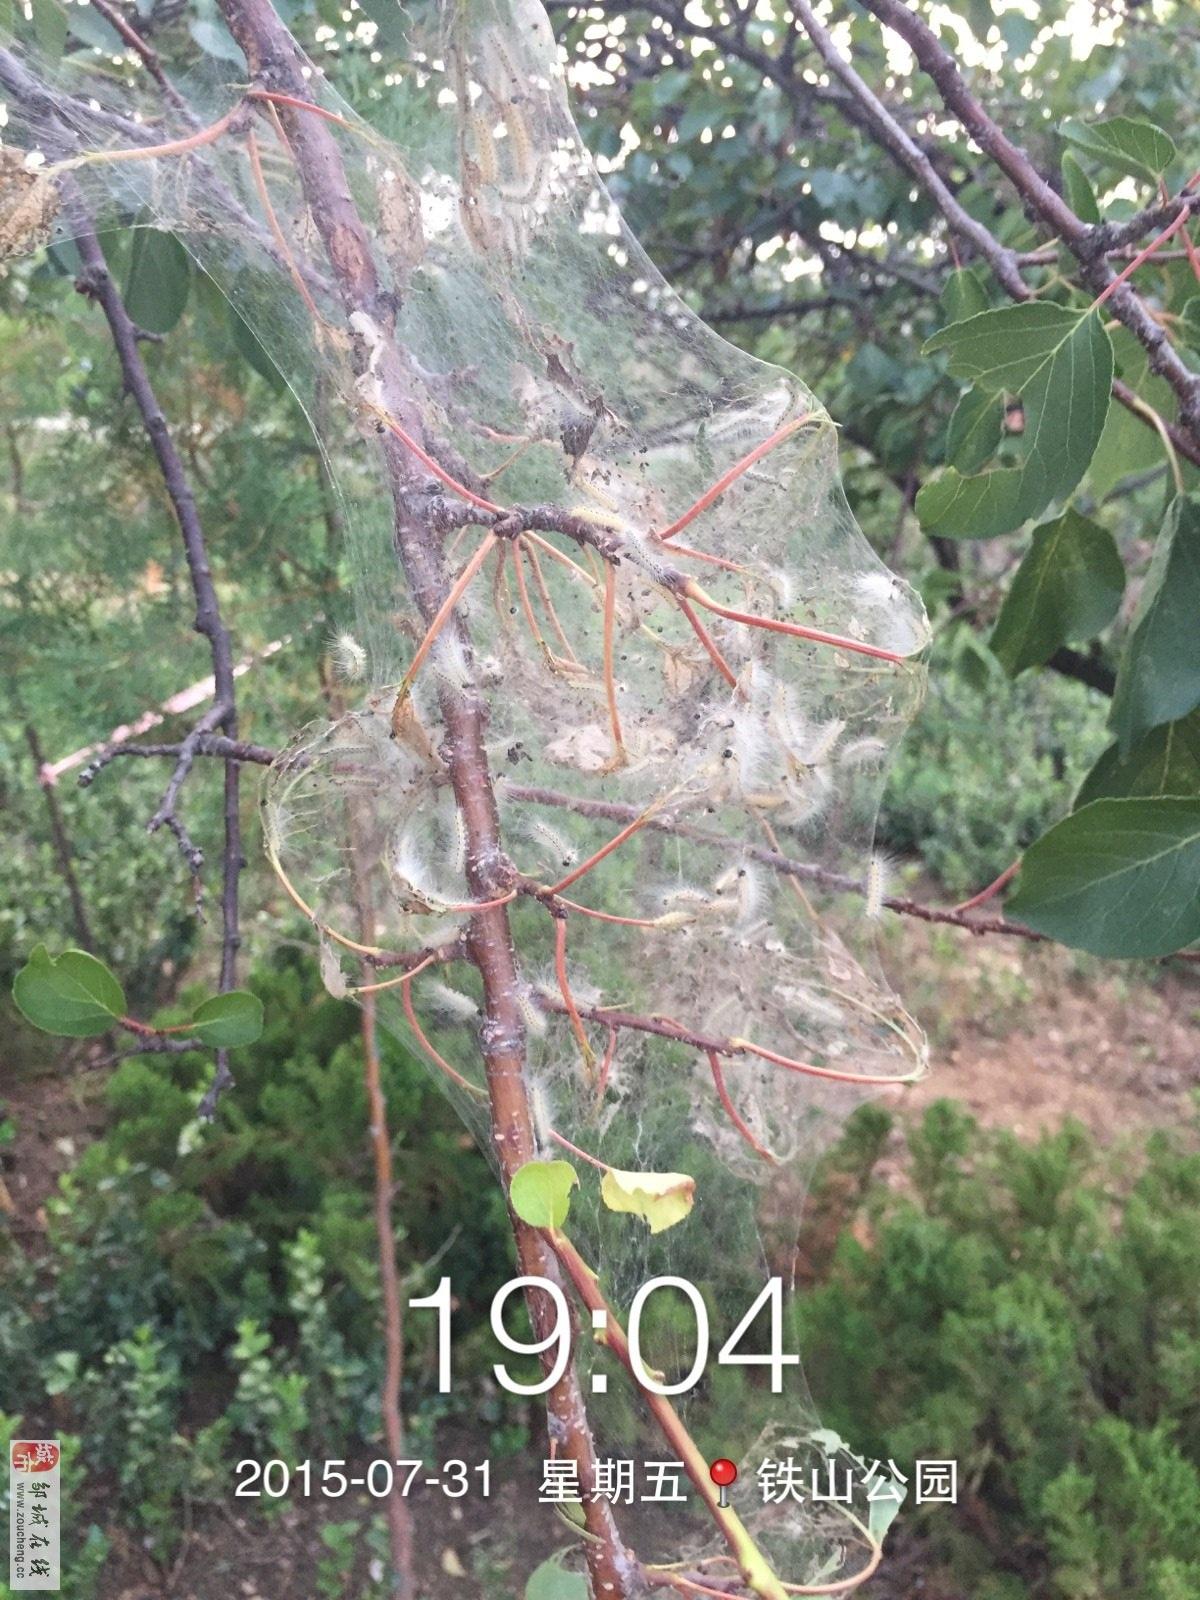 铁山公园发现的美国白蛾网幕及幼虫